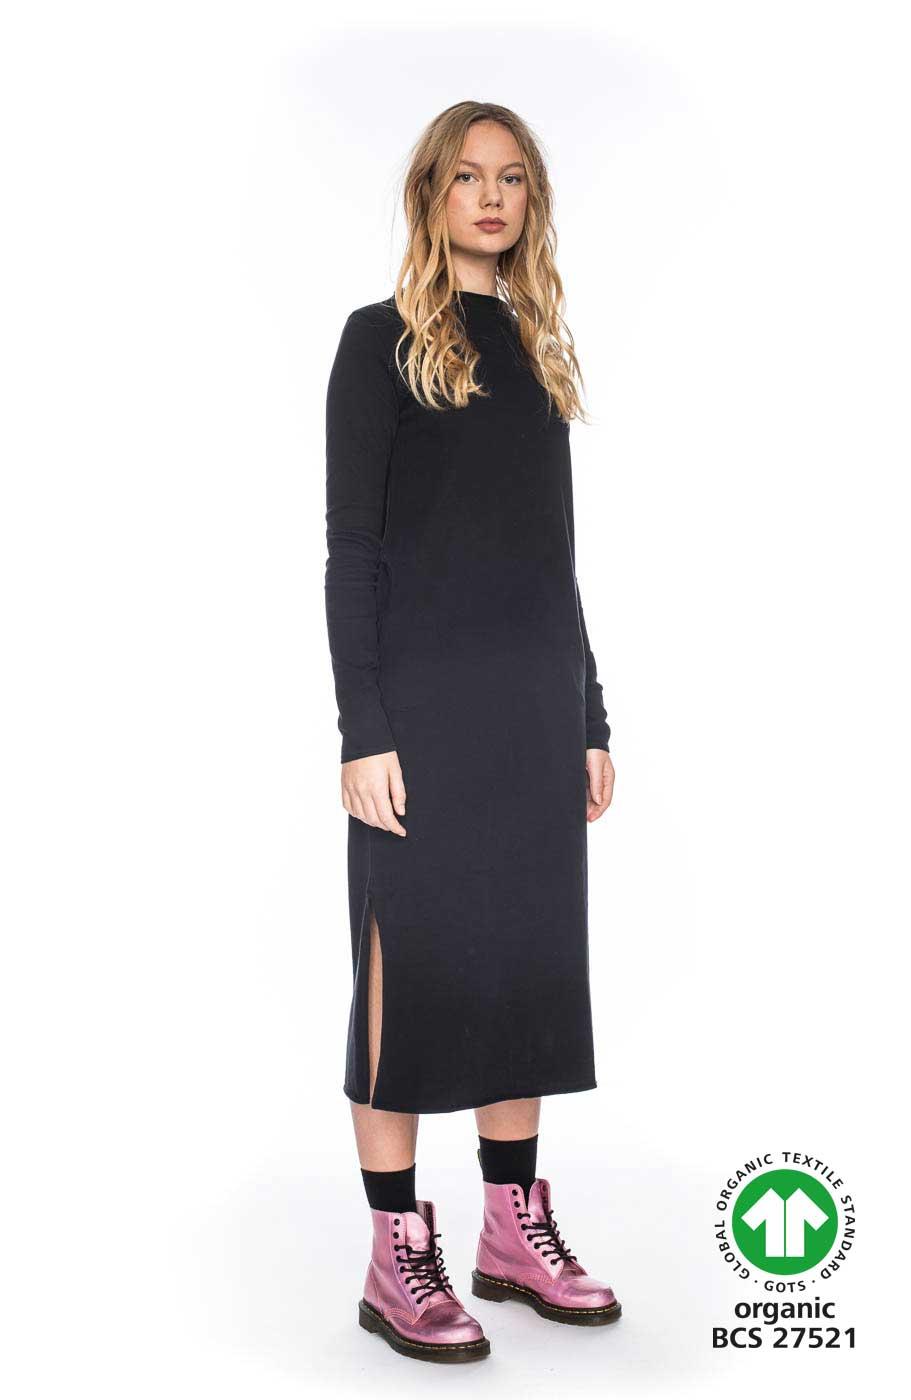 Frau trägt samtig schwarzes Kleid von ATO BERLIN (MAAIKE) in Midi-Länge aus Biobaumwolle mit hohem Rundhals-Ausschnitt und seitlichen Eingriffstaschen. Bewegungsfreiheit durch geraden Schnitt und seitliche Schlitze. GOTS zertifiziert, hergestellt in Portugal. / Seitenansicht / pussyGALORE / Leipzig